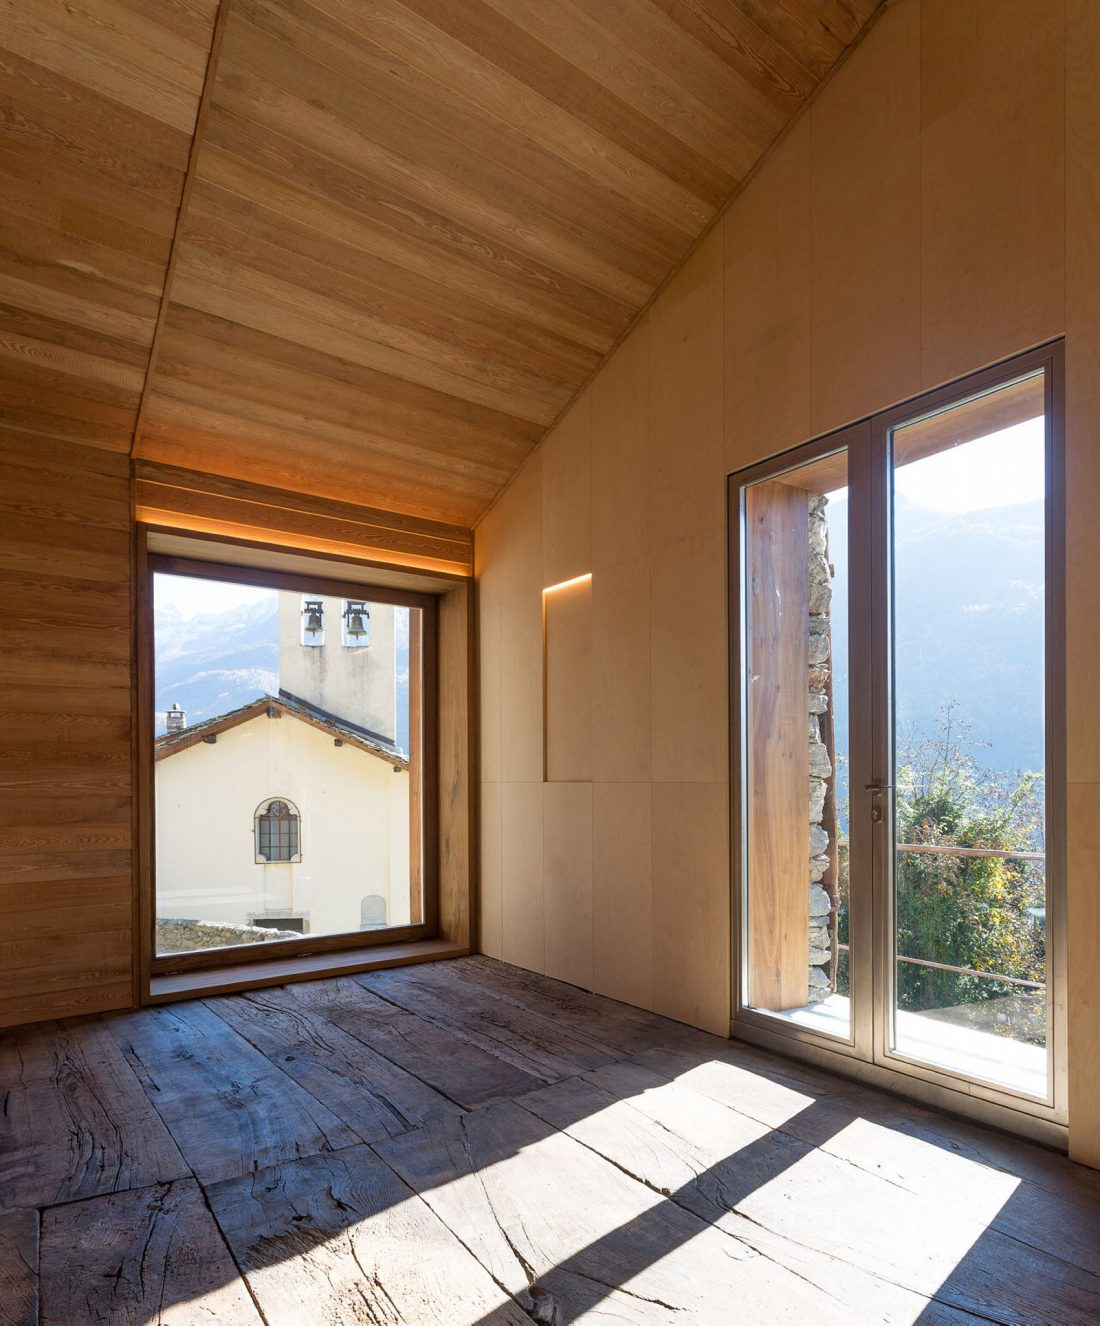 Реставрация старинного дома 16 века в Швейцарии по проекту Vudafieri Saverino Partners 17